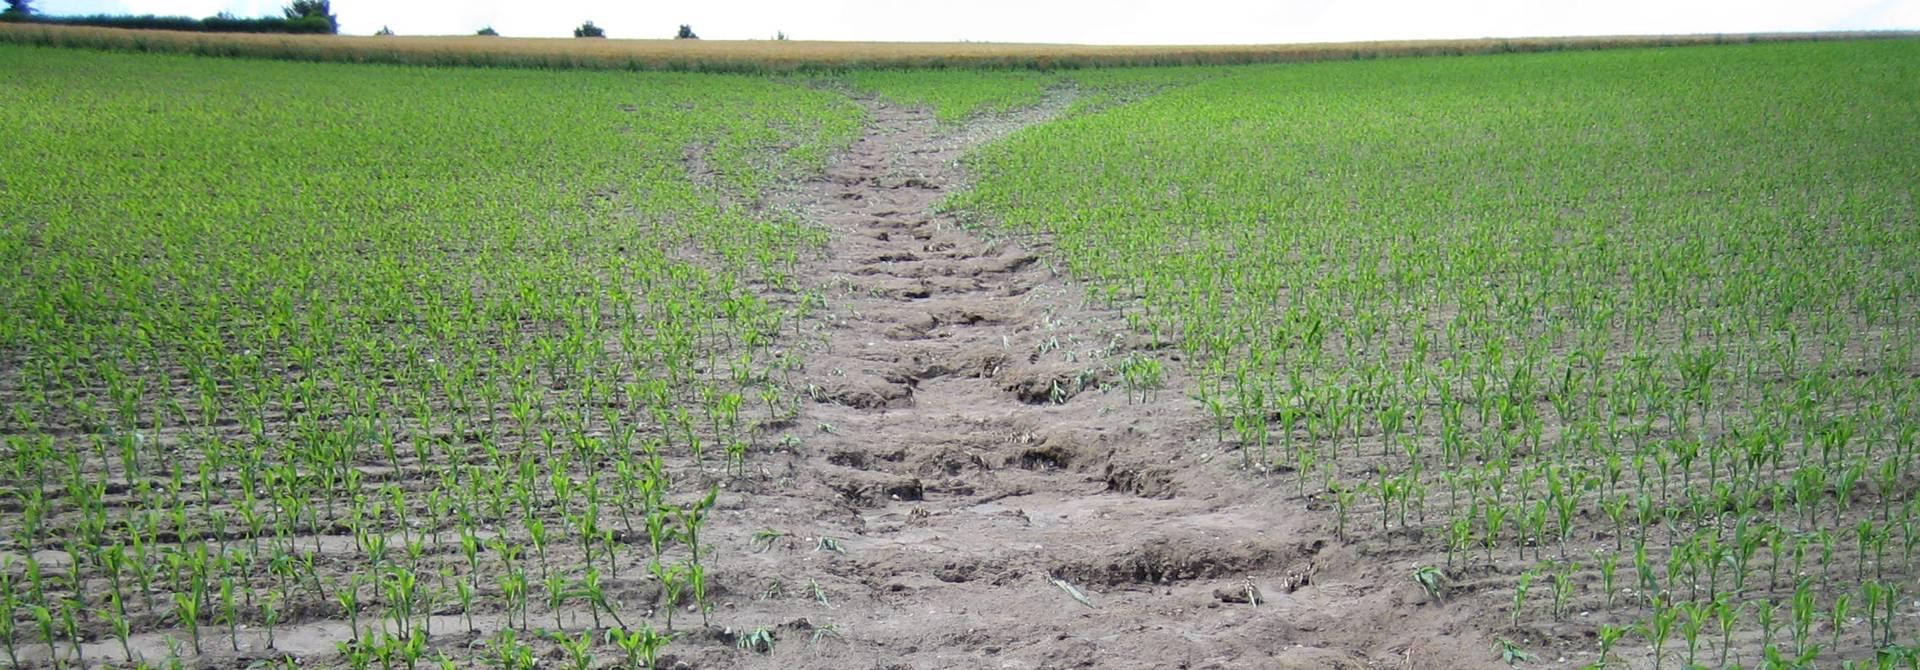 Erosion auf Maisacker>